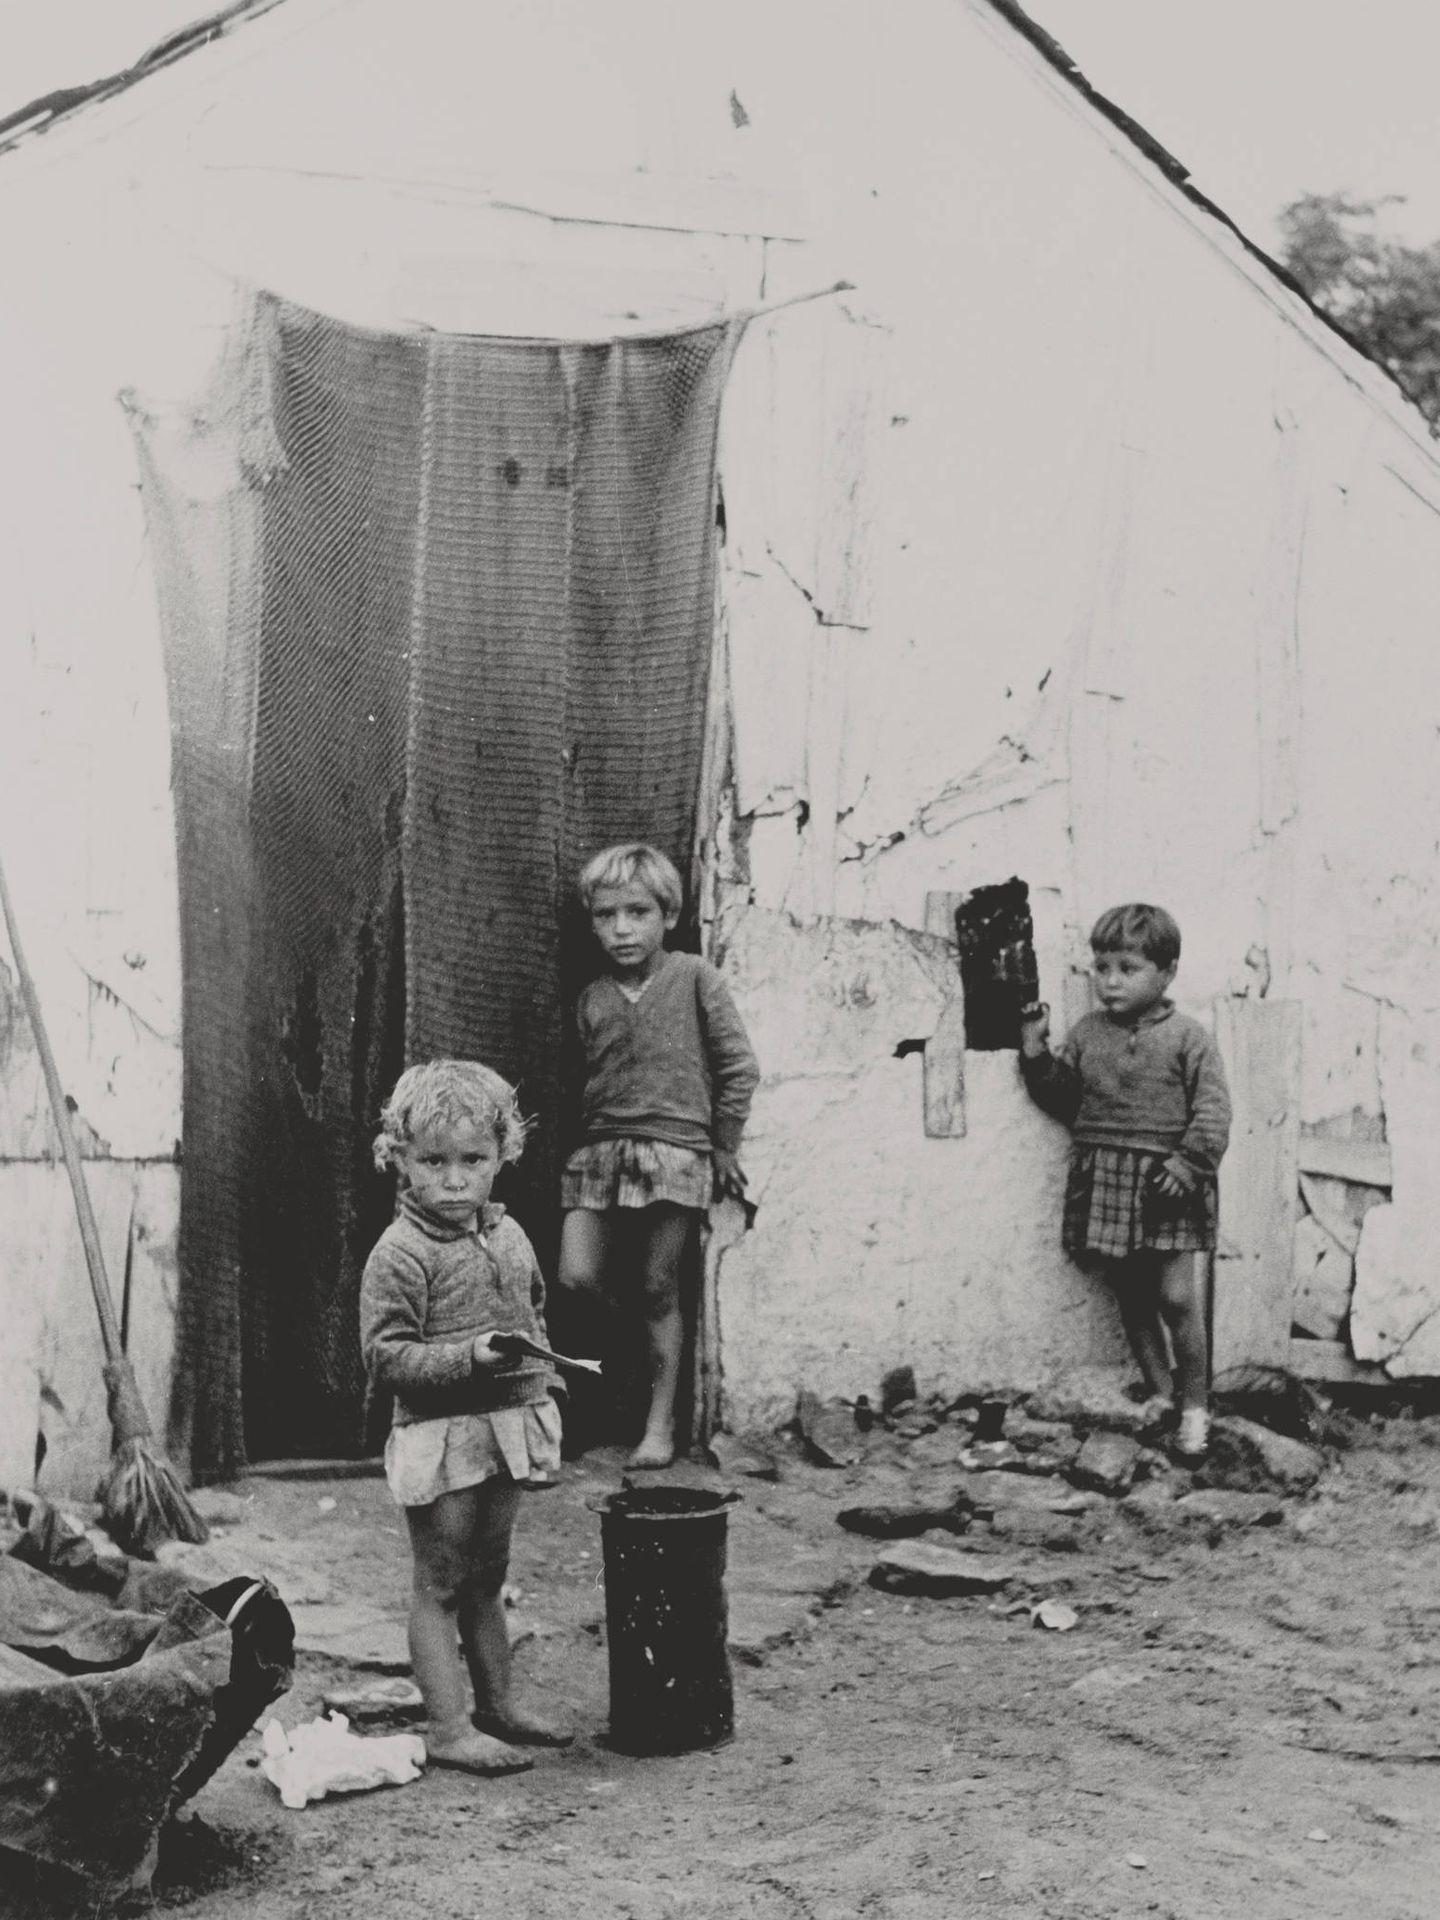 Retratos del viaje de Marsé a Andalucía en los 60 extraídos del libro 'Viaje al sur'